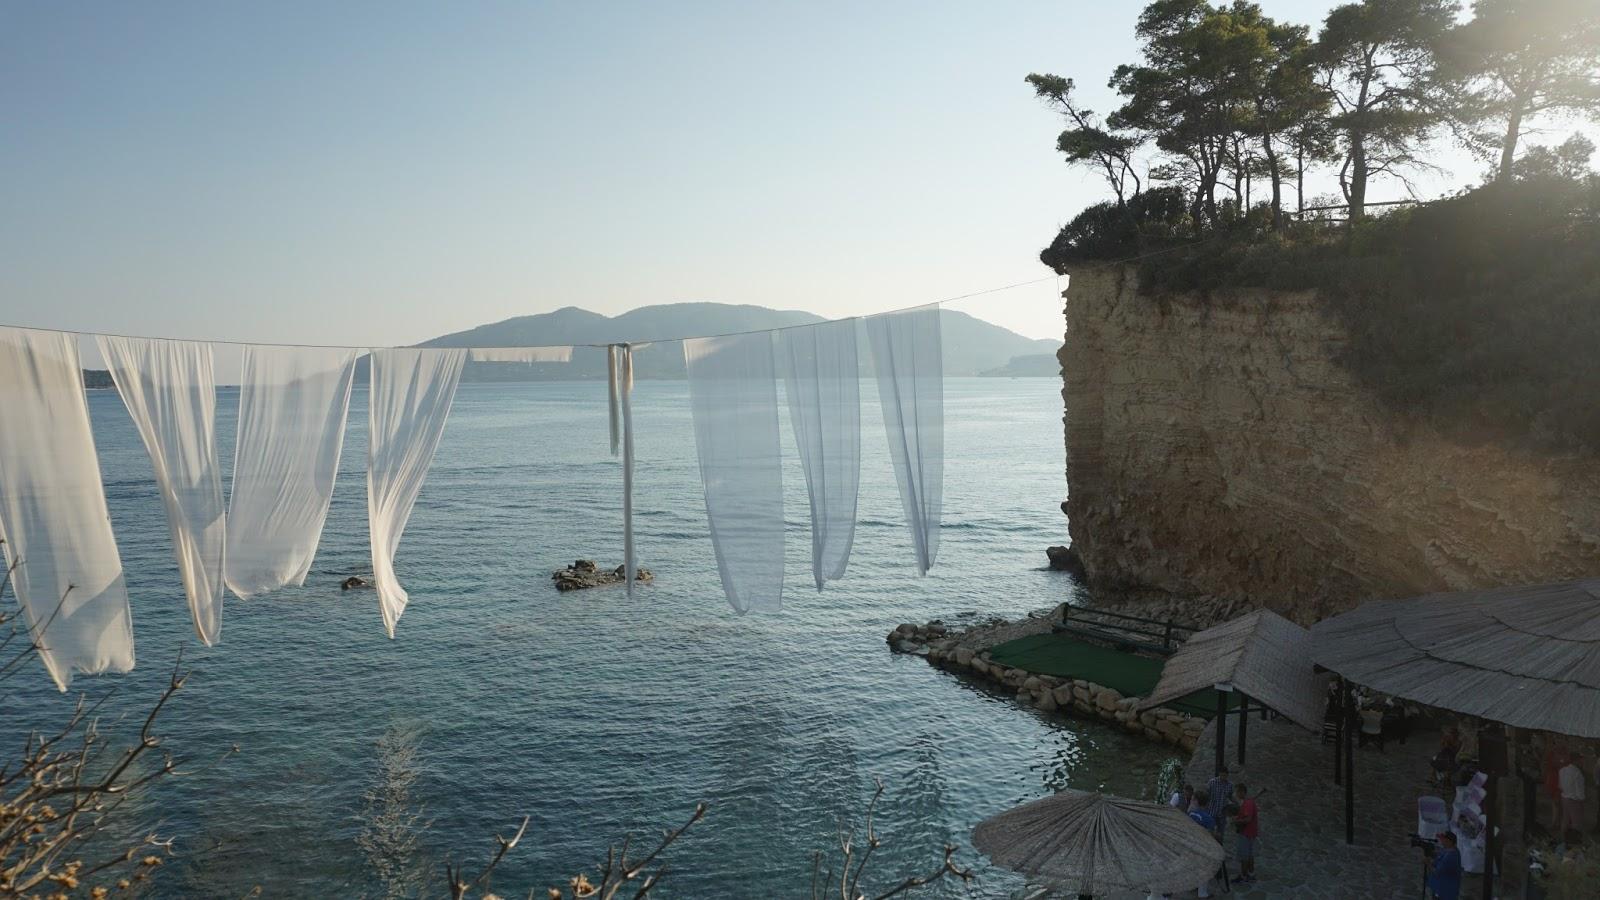 Plaża Ślubów, cameo island, wyspa cameo, agios sostis, laganas, zakintos, grecja